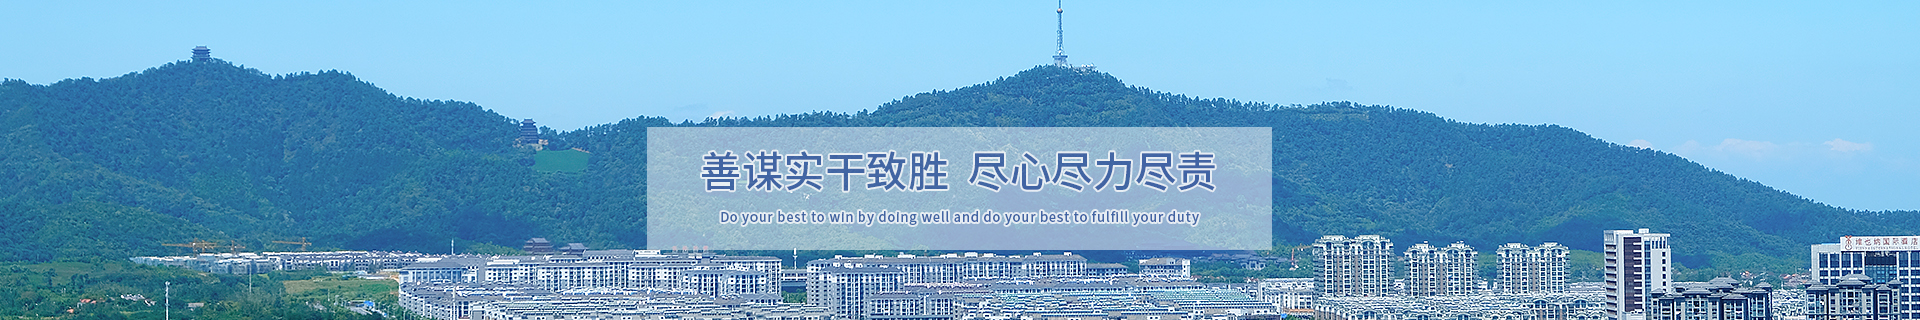 國投banner3